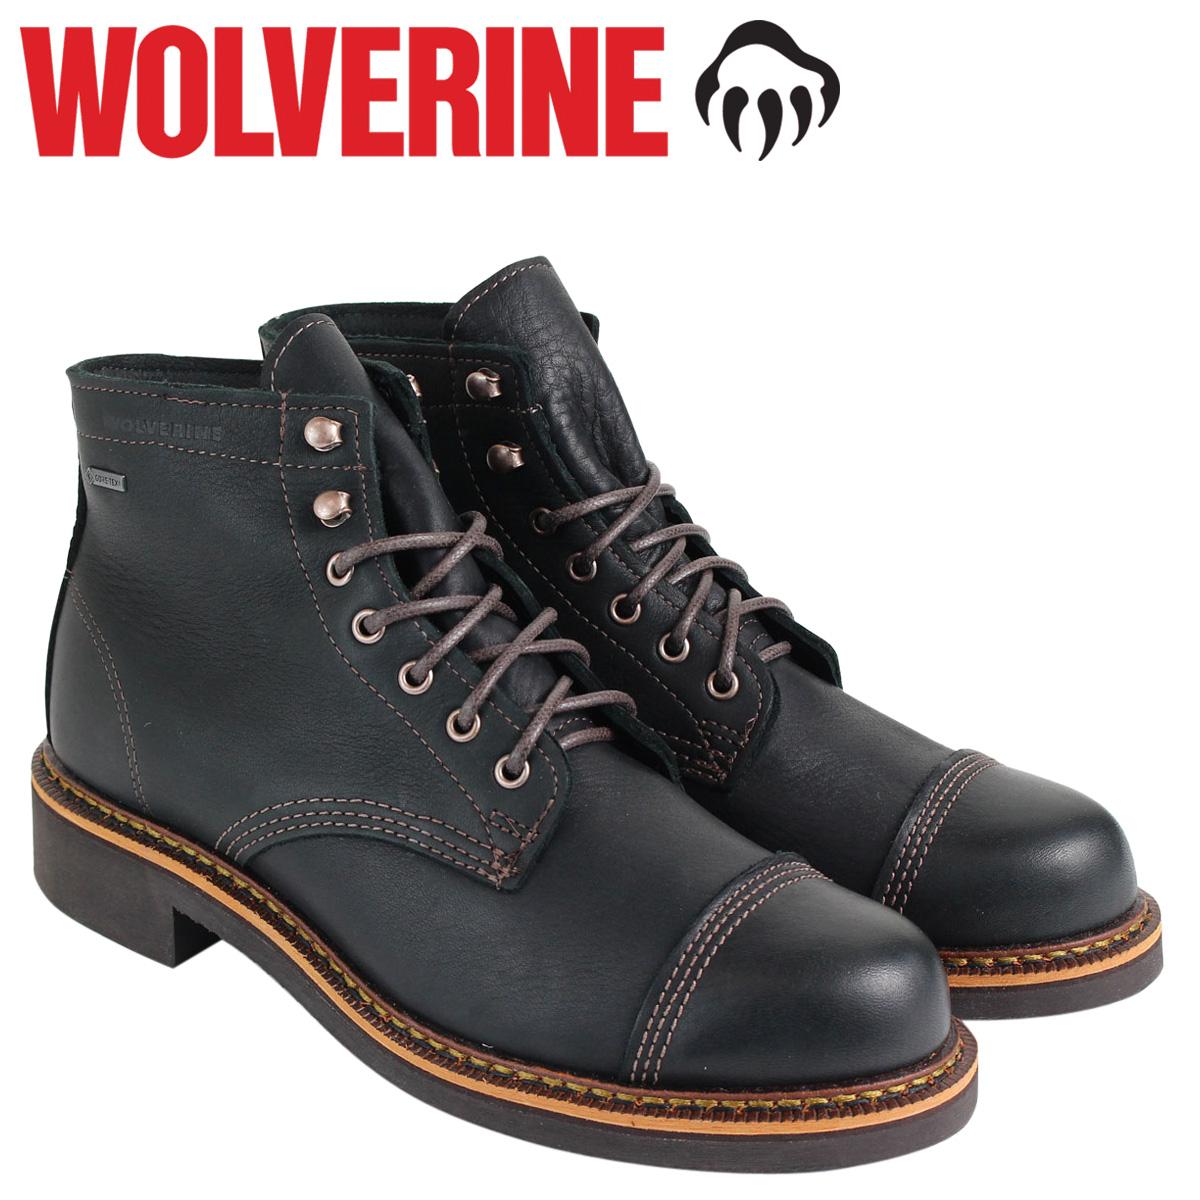 送料無料 あす楽対応 特別セール品 ウルヴァリン WOLVERINE 1000マイル ブーツ 最大1000円OFF ブーツE WATERPROOF BOOT メンズ ブラック W40418 JENSON Dワイズ 贈与 ワークブーツ